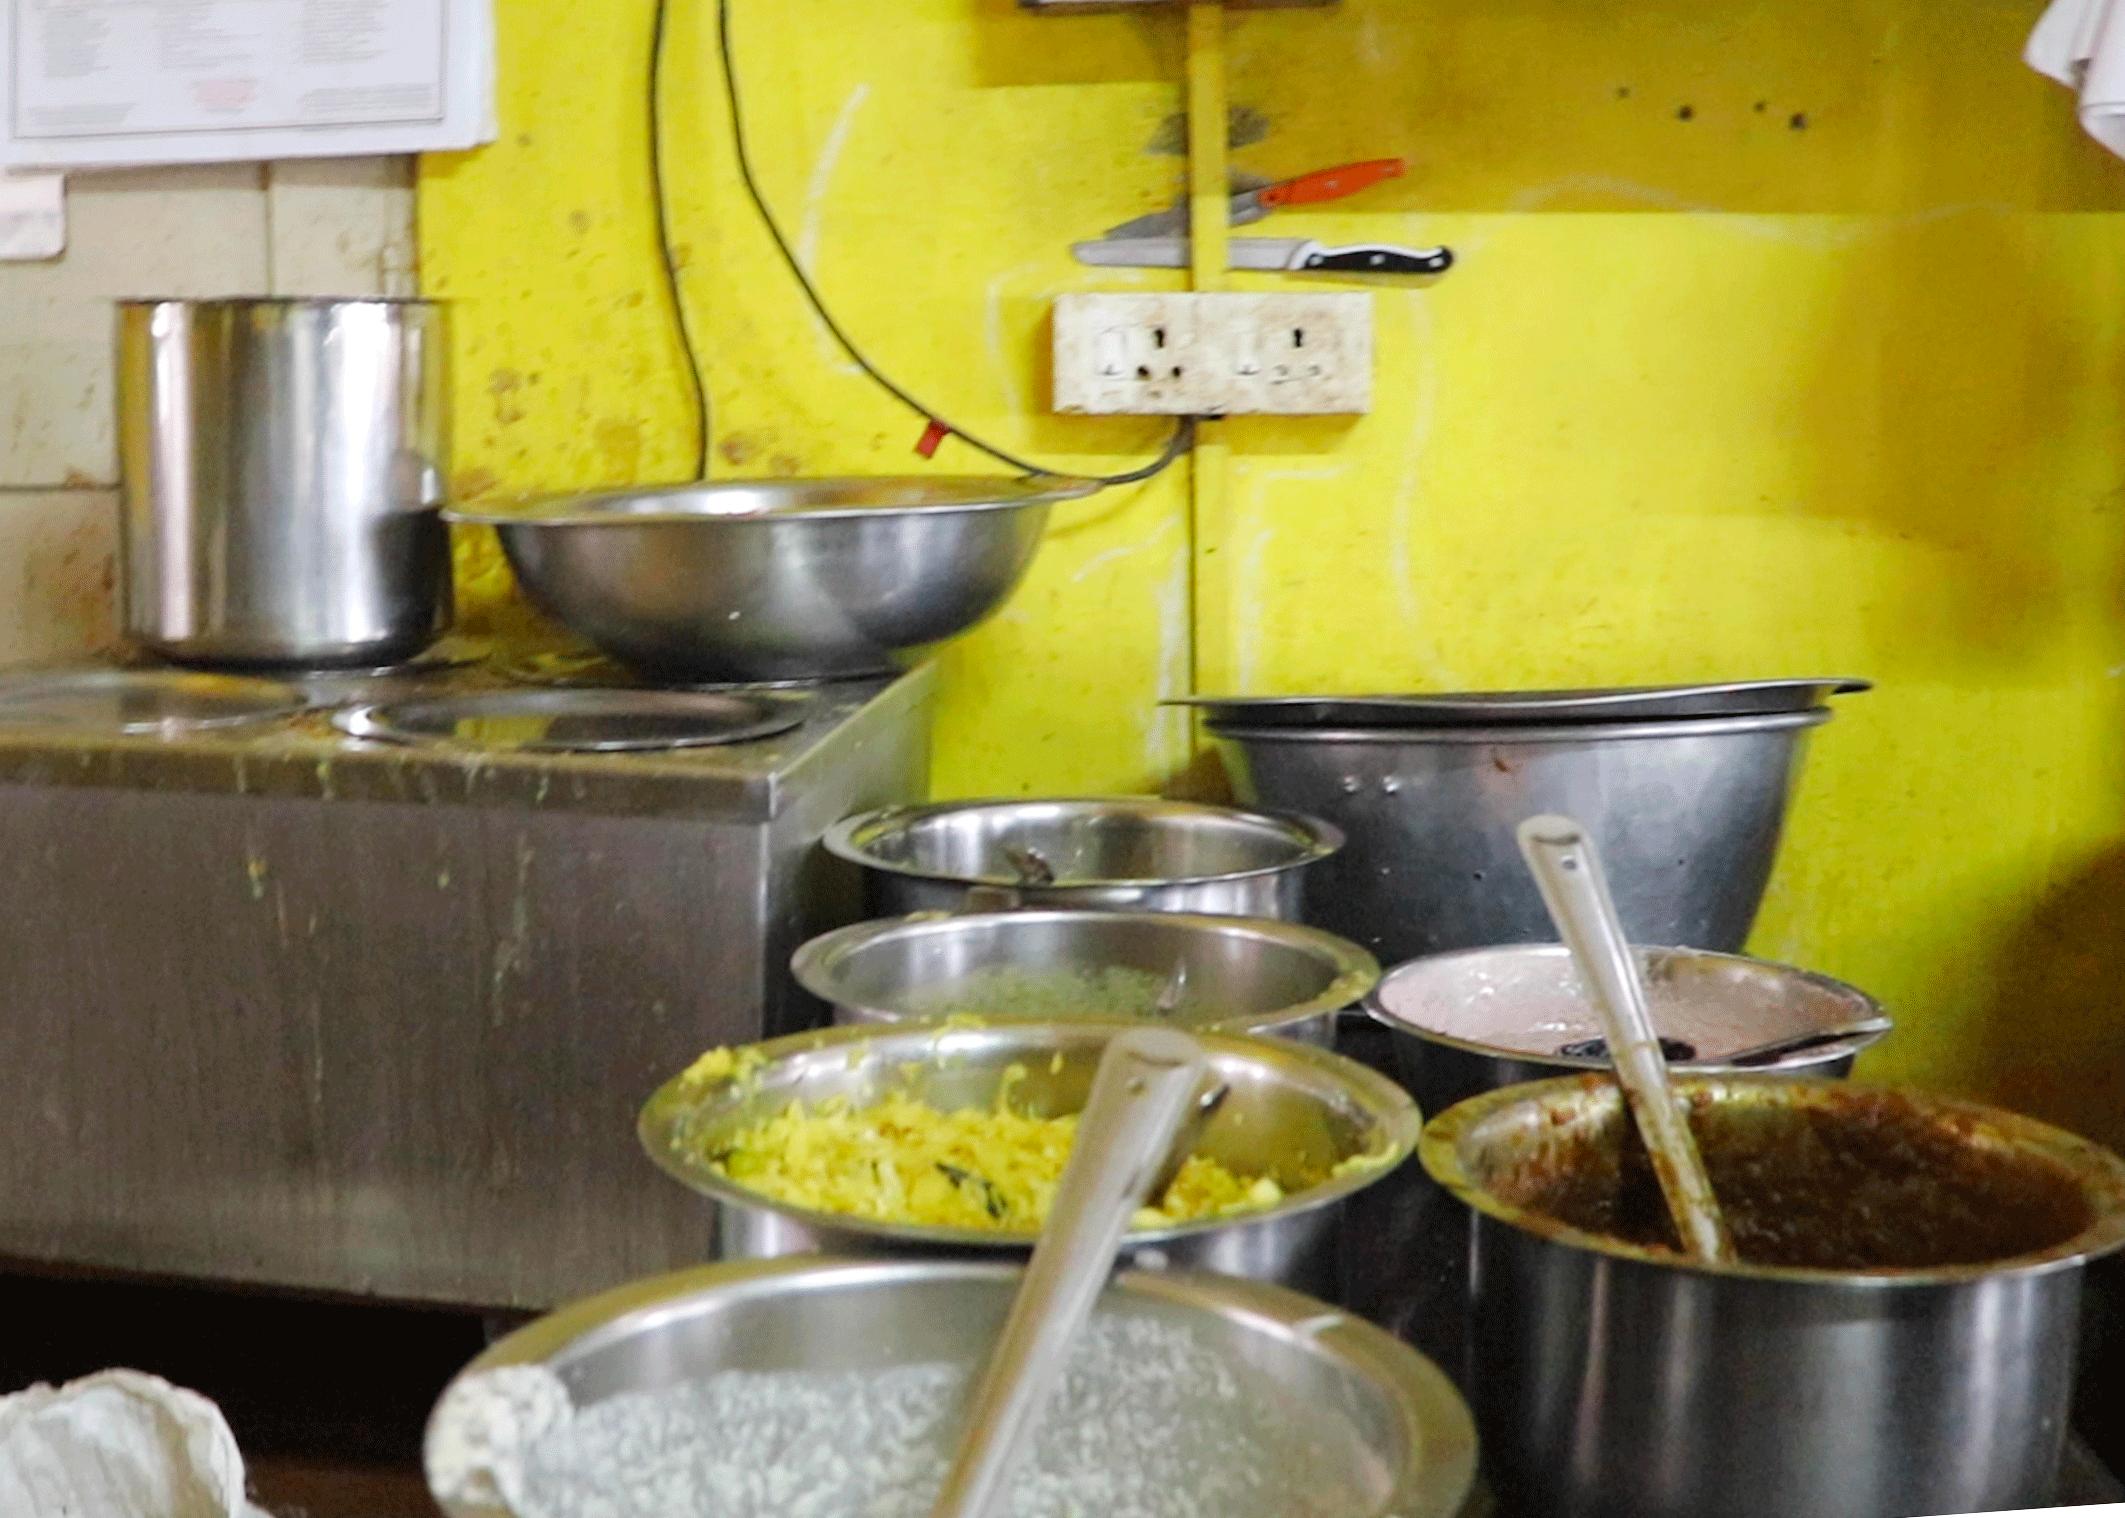 トリヴァンドラムのナチュラルフードレストランPathayamのキッチン